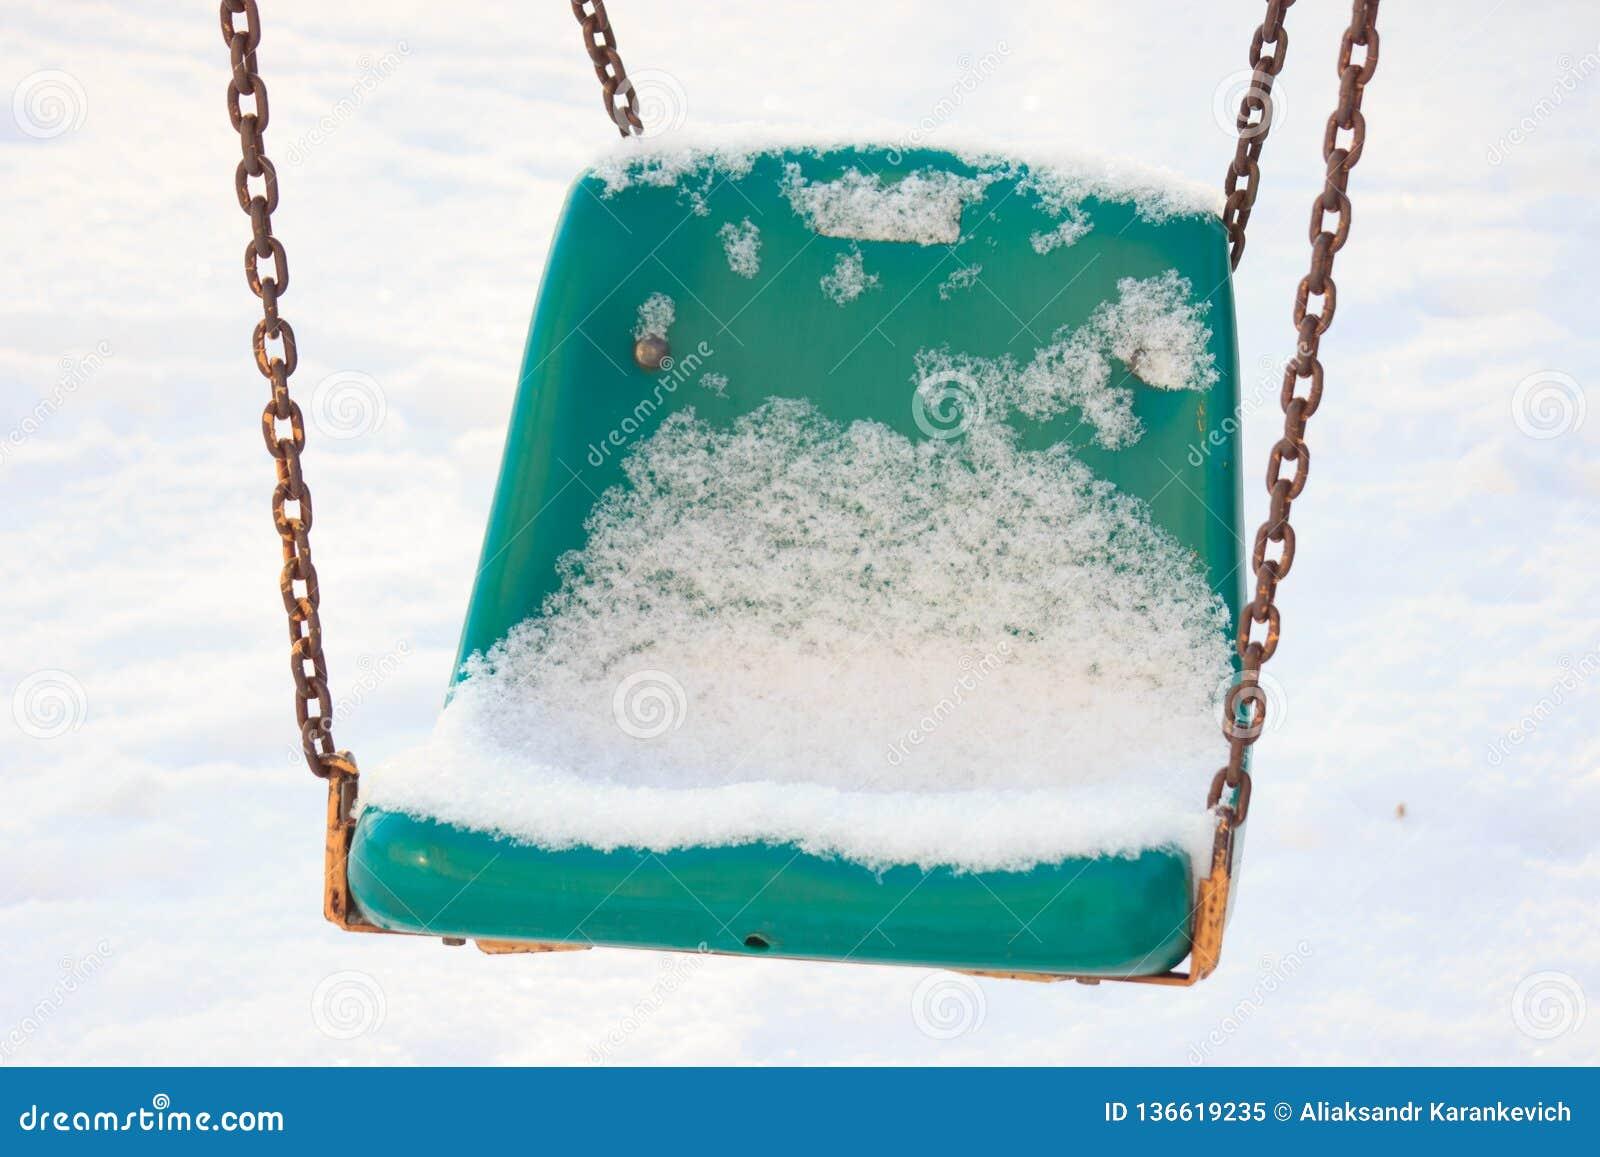 Спортивная площадка детей в зиме, качаниях и carousels под снегом на солнечный день отсутствие людей, пустой области, ждать